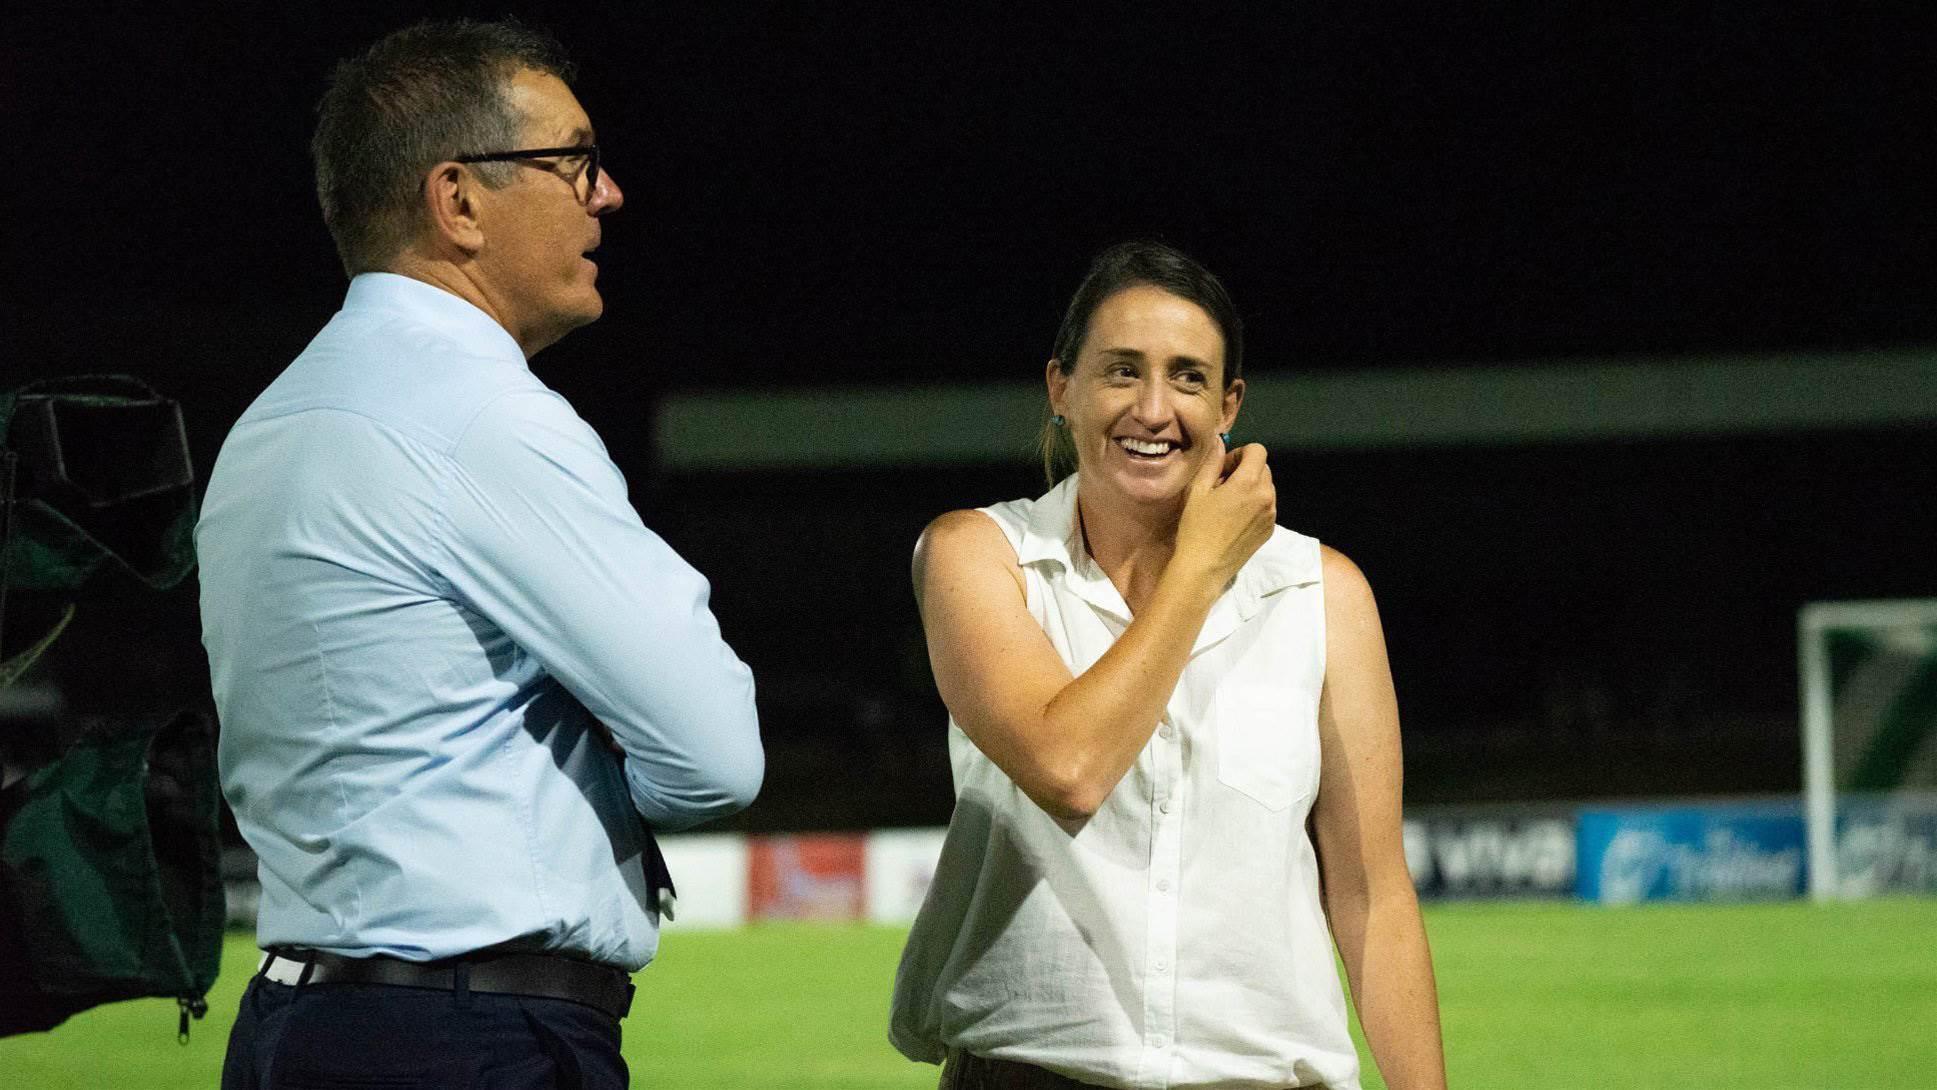 Garriock: The surprises in the Matildas squad